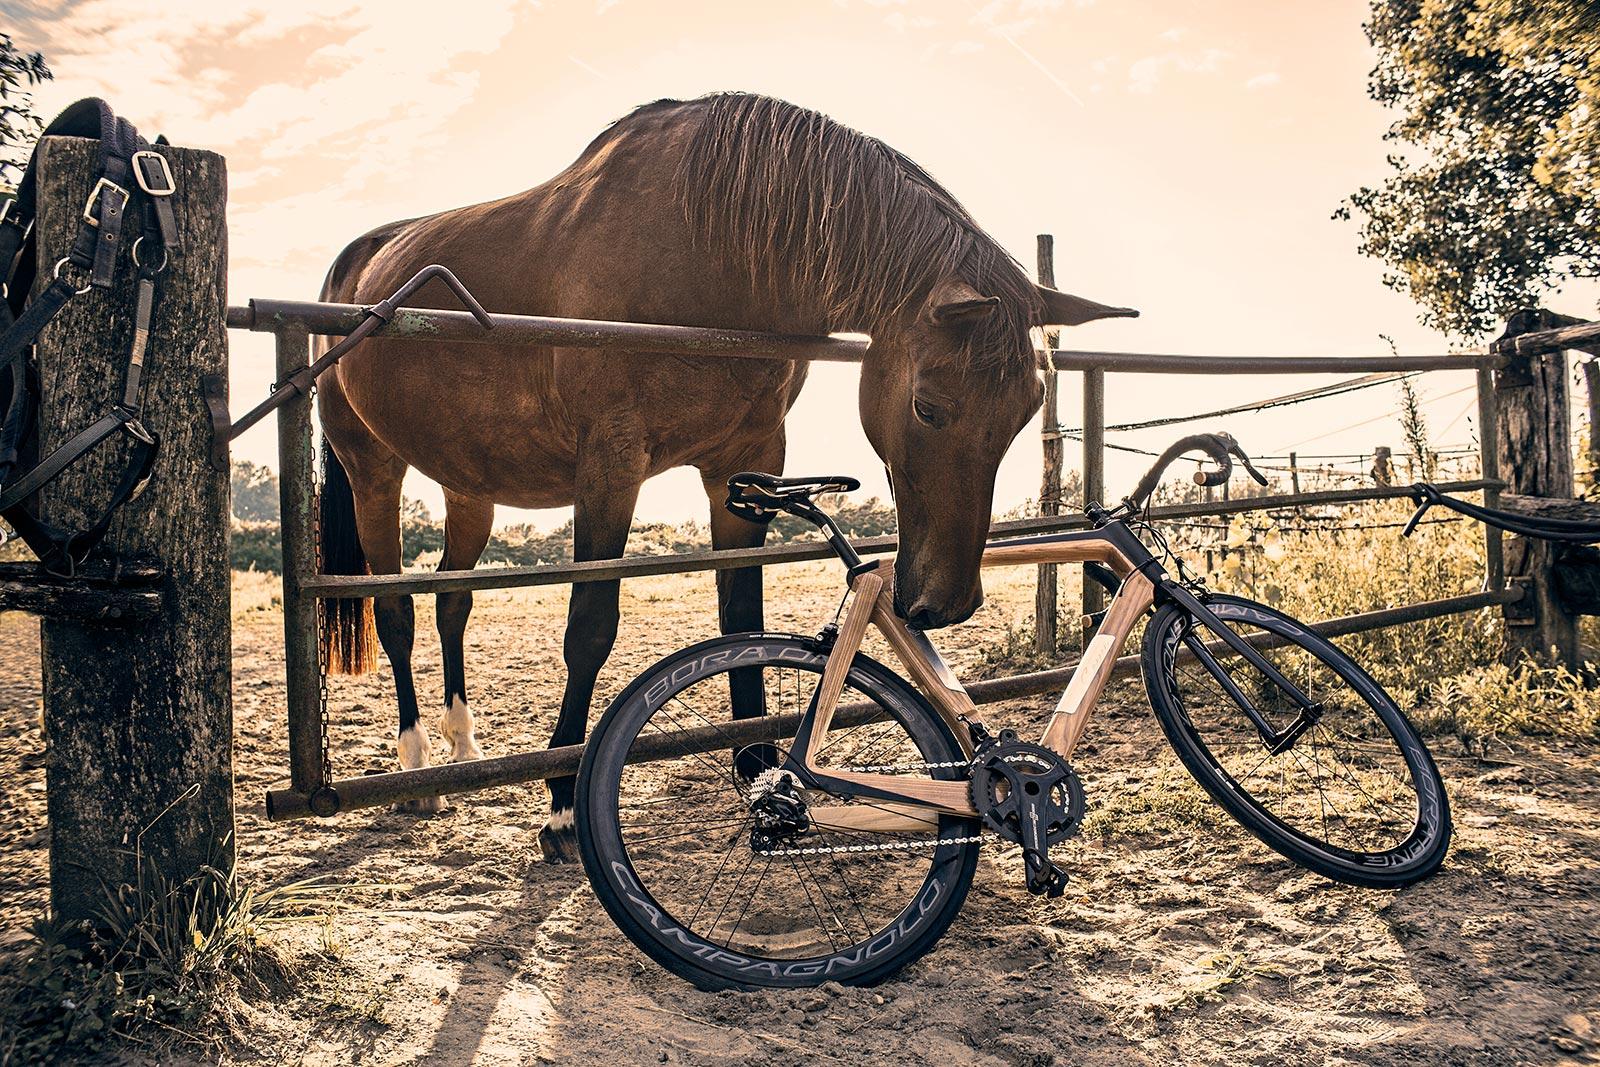 Bike sportiva Maranello di carrerBikes